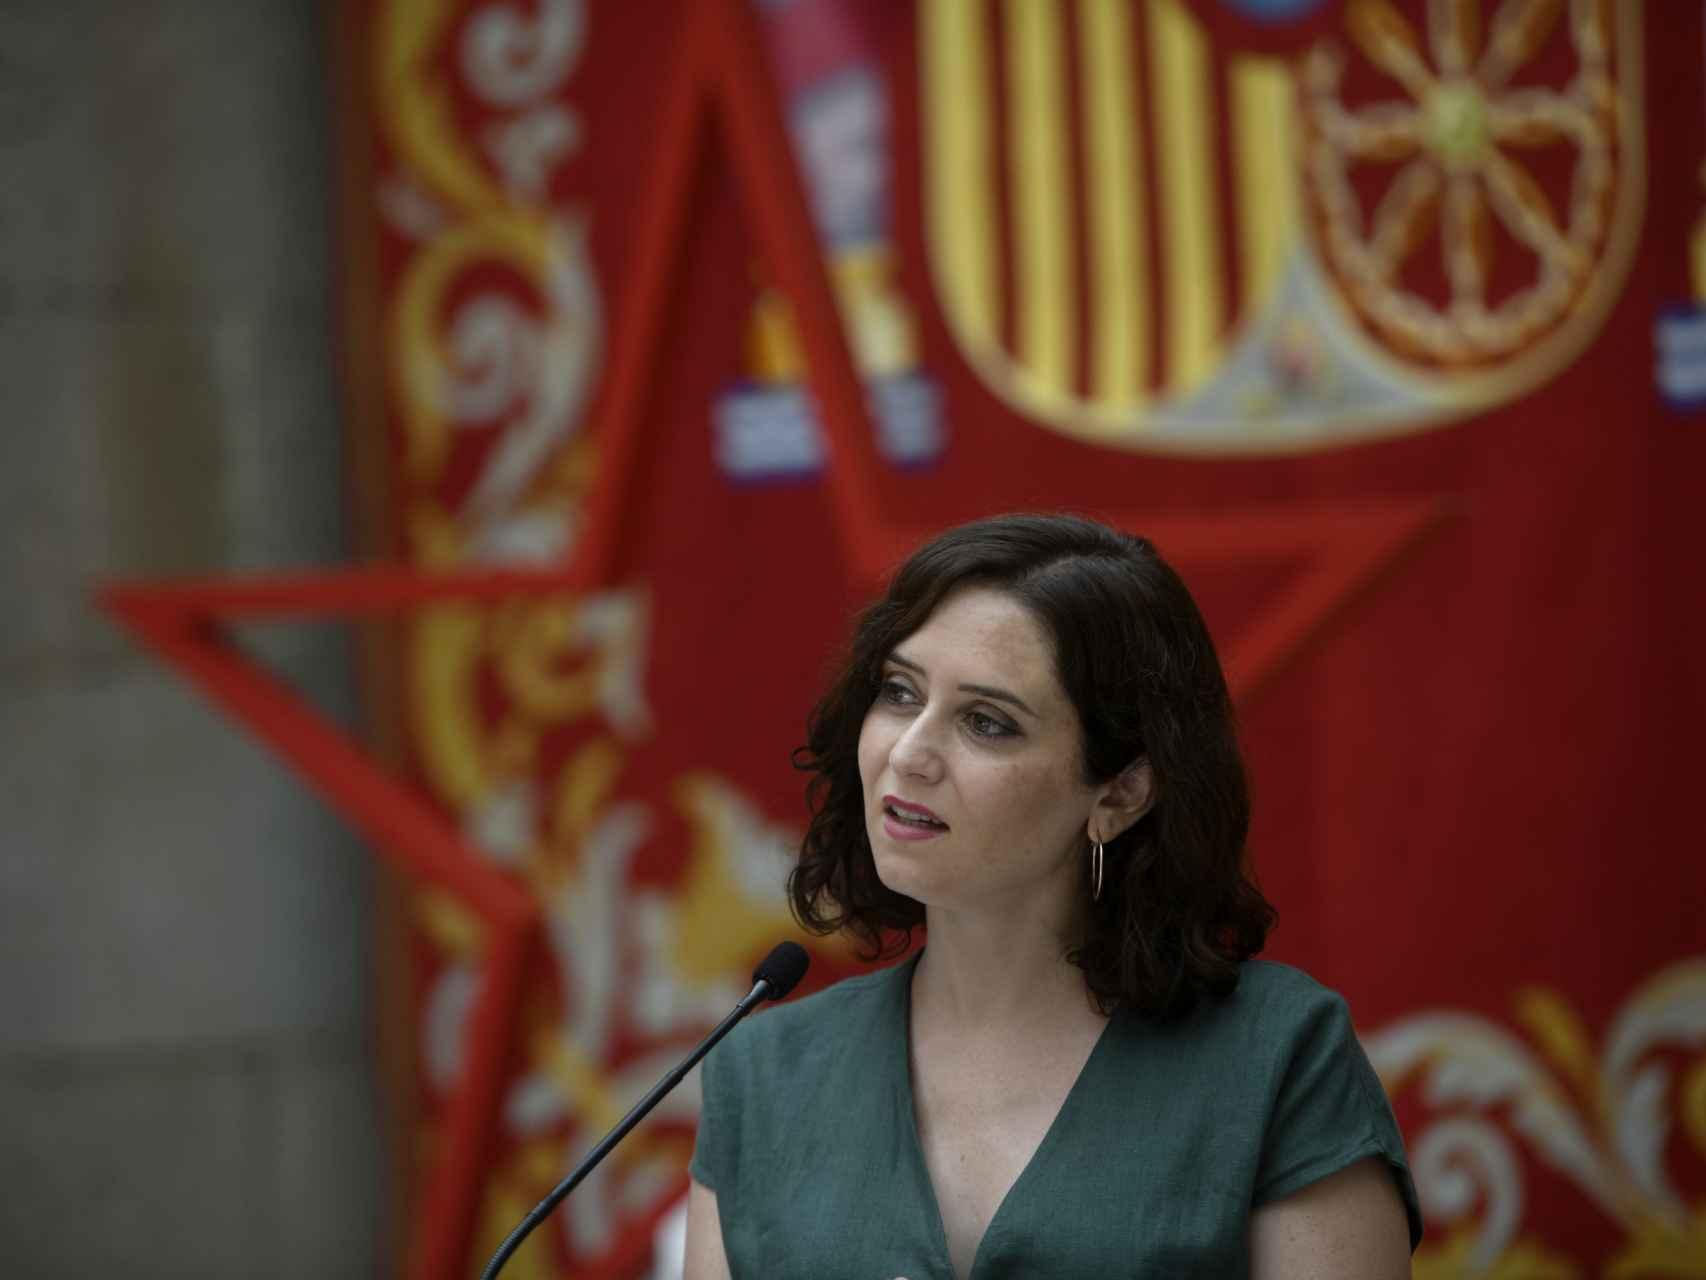 La presidenta de la Comunidad de Madrid, Isabel Díaz Ayuso, durante la presentación de la estrategia de continuidad de la Covid-19.